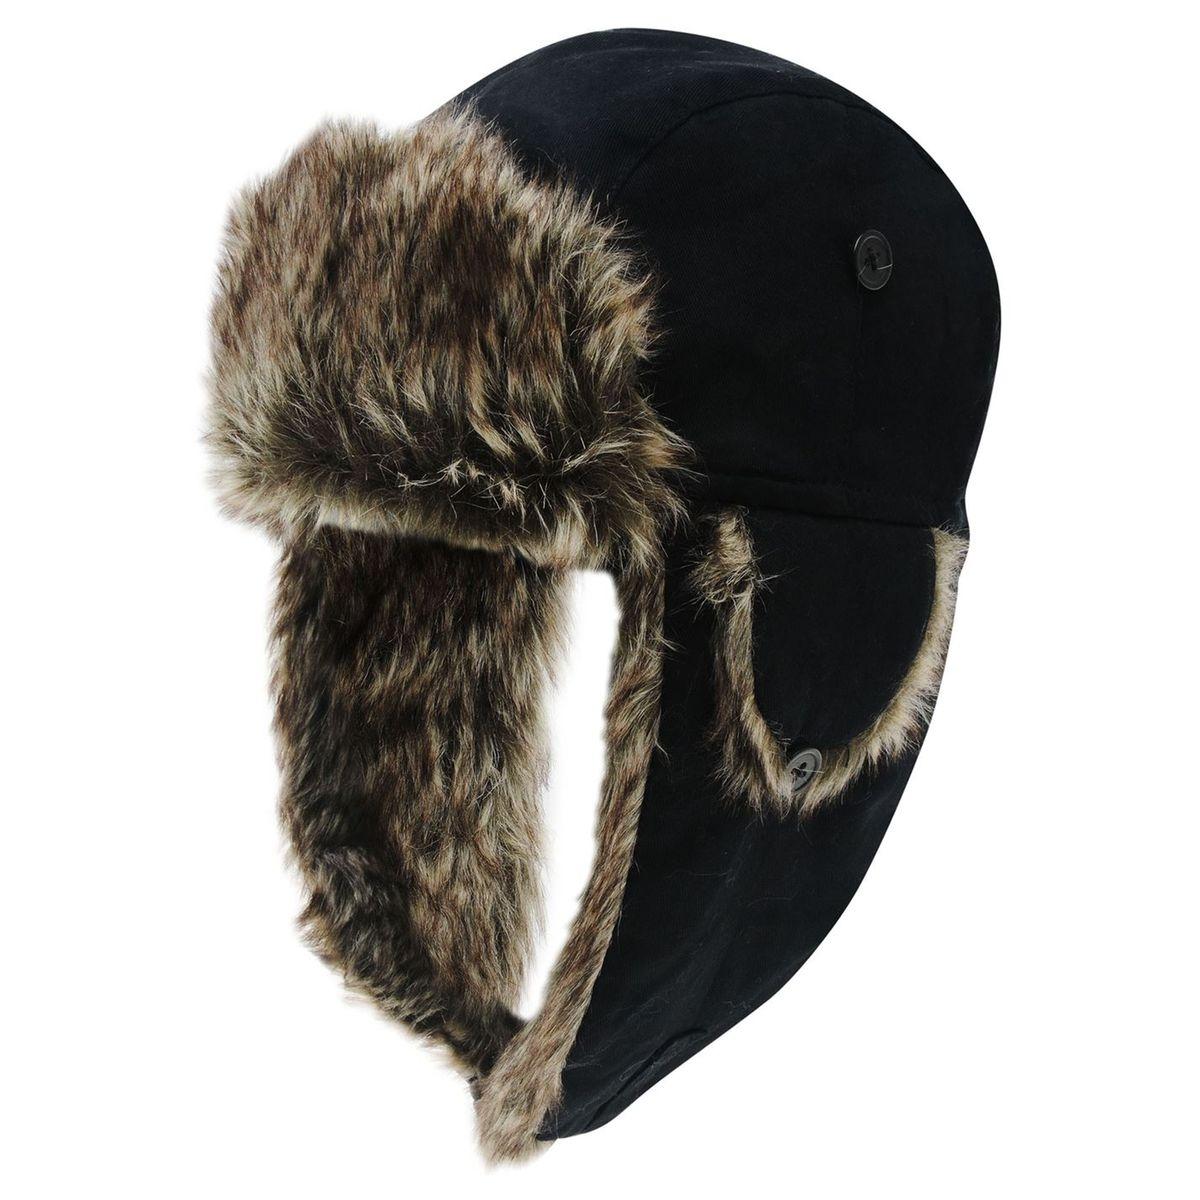 Chapeau de trappeur